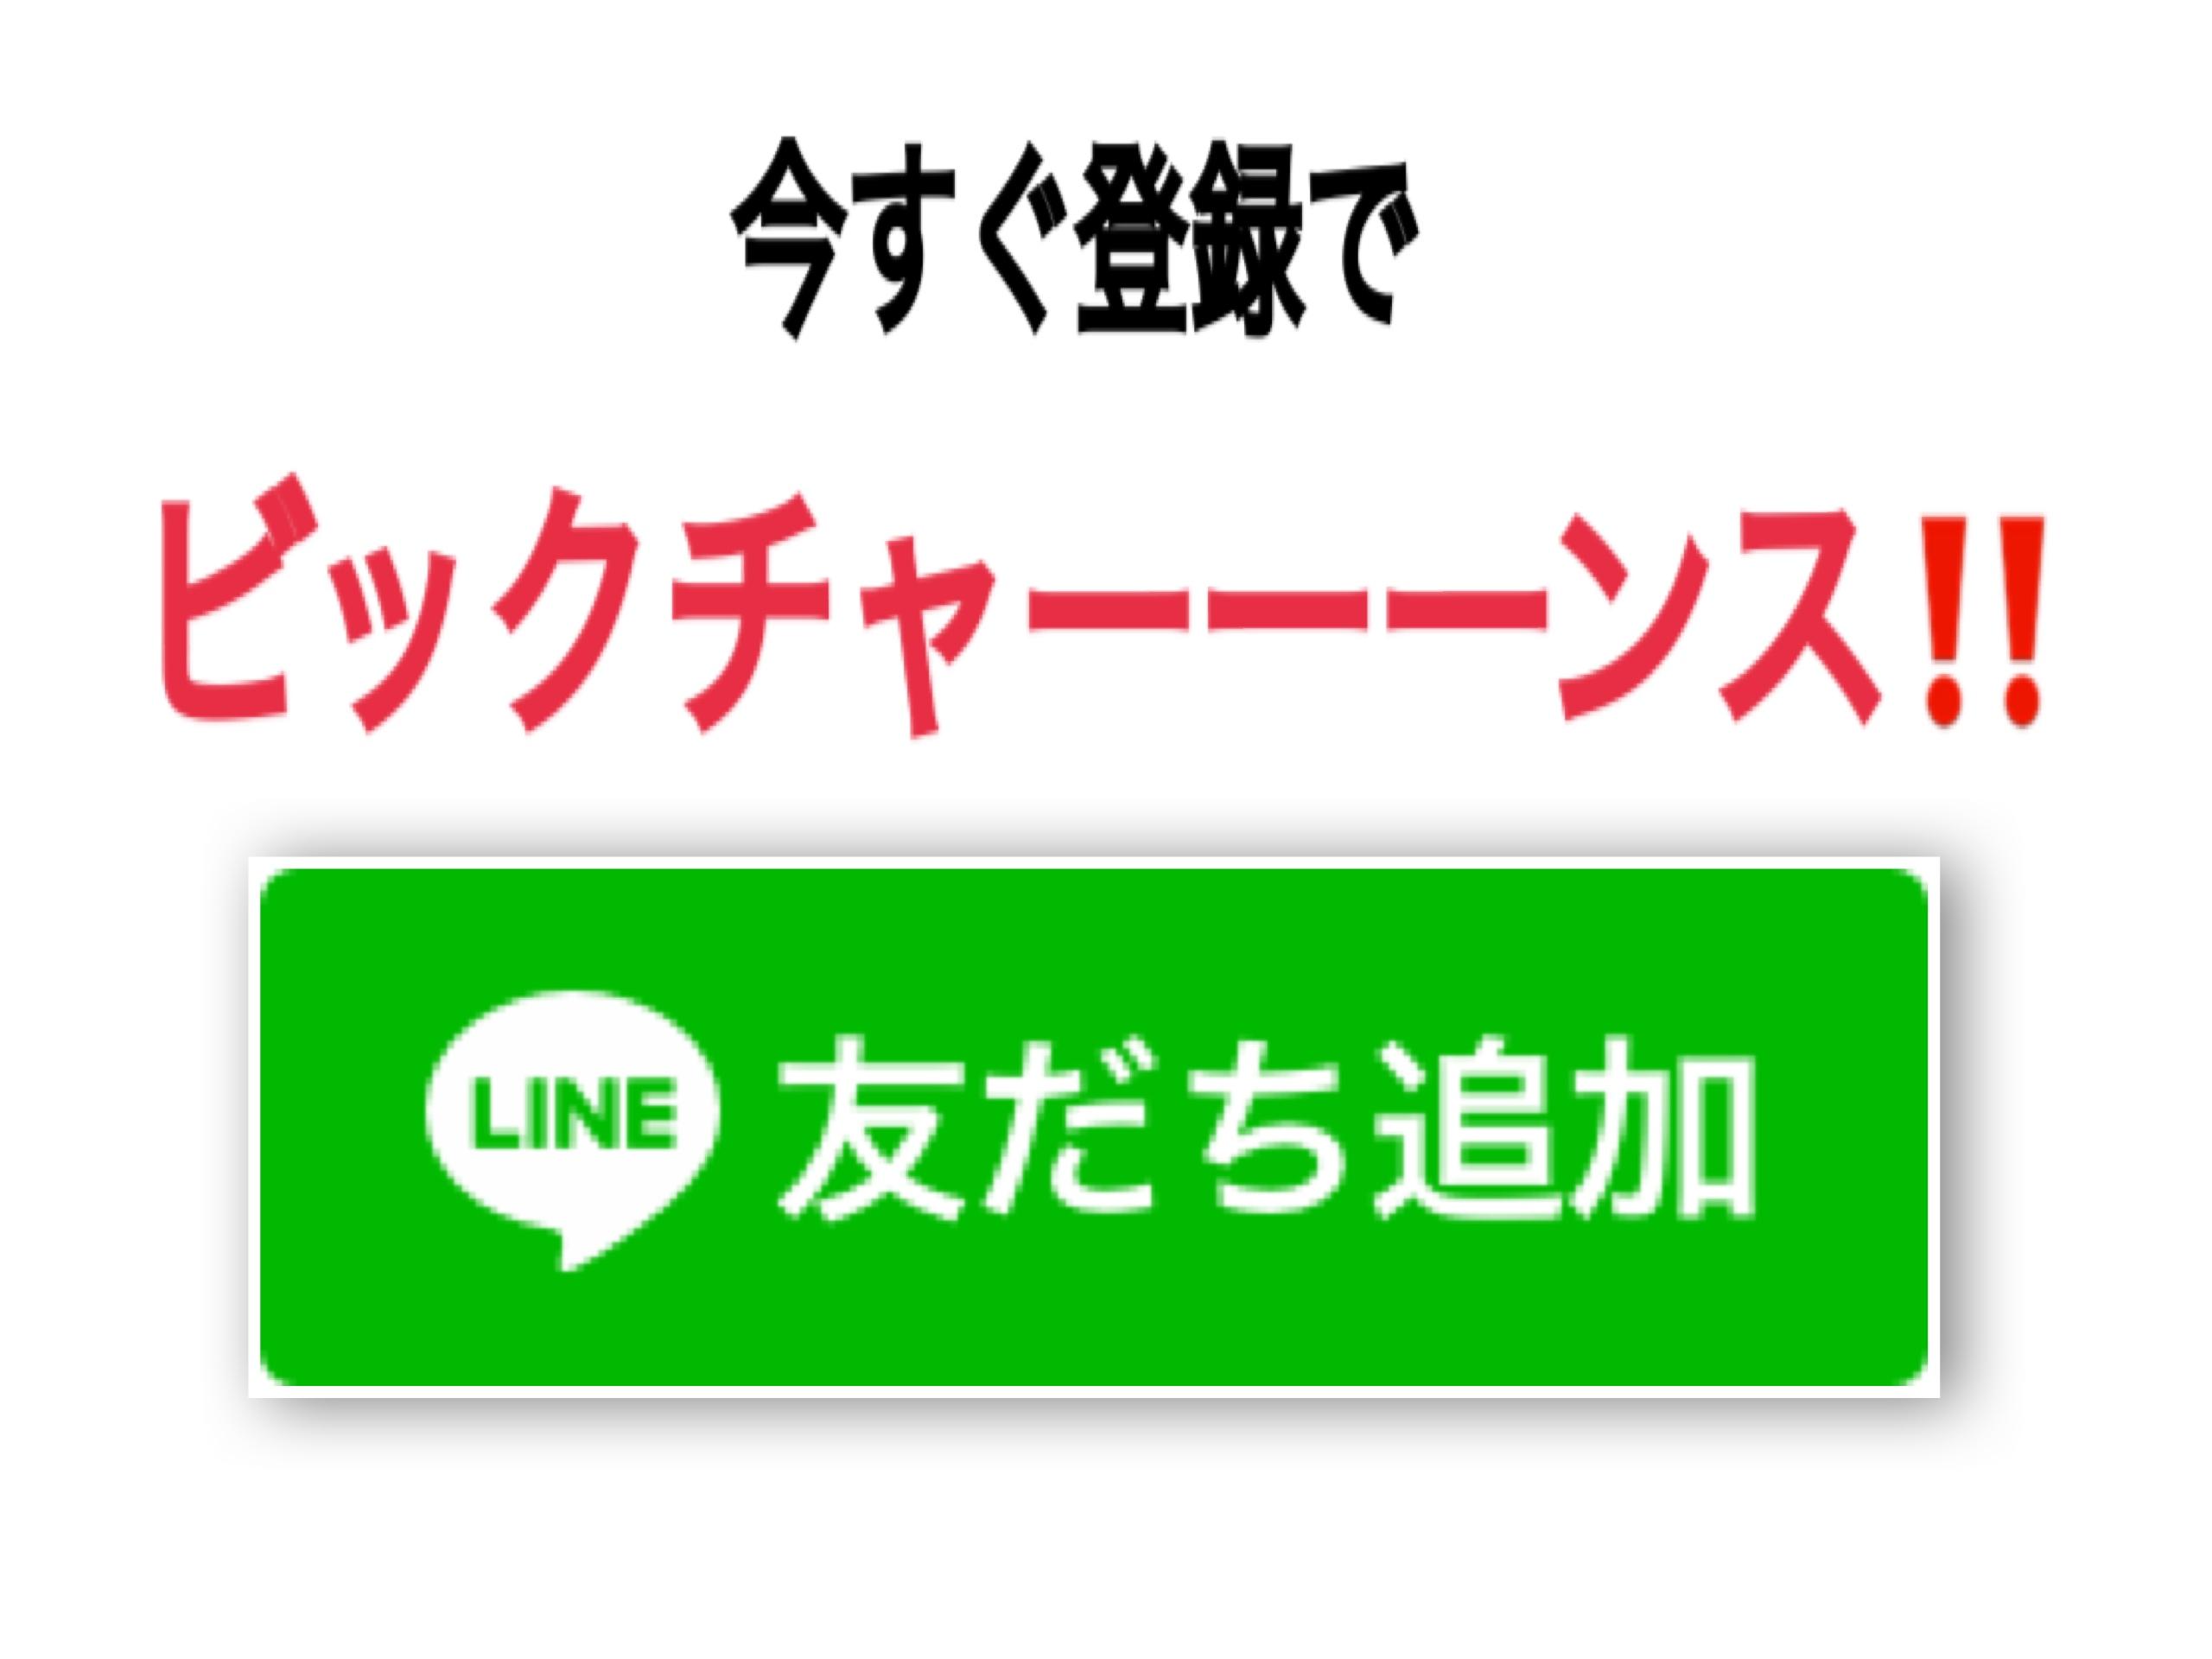 LINEでビッグチャンス⁉✨